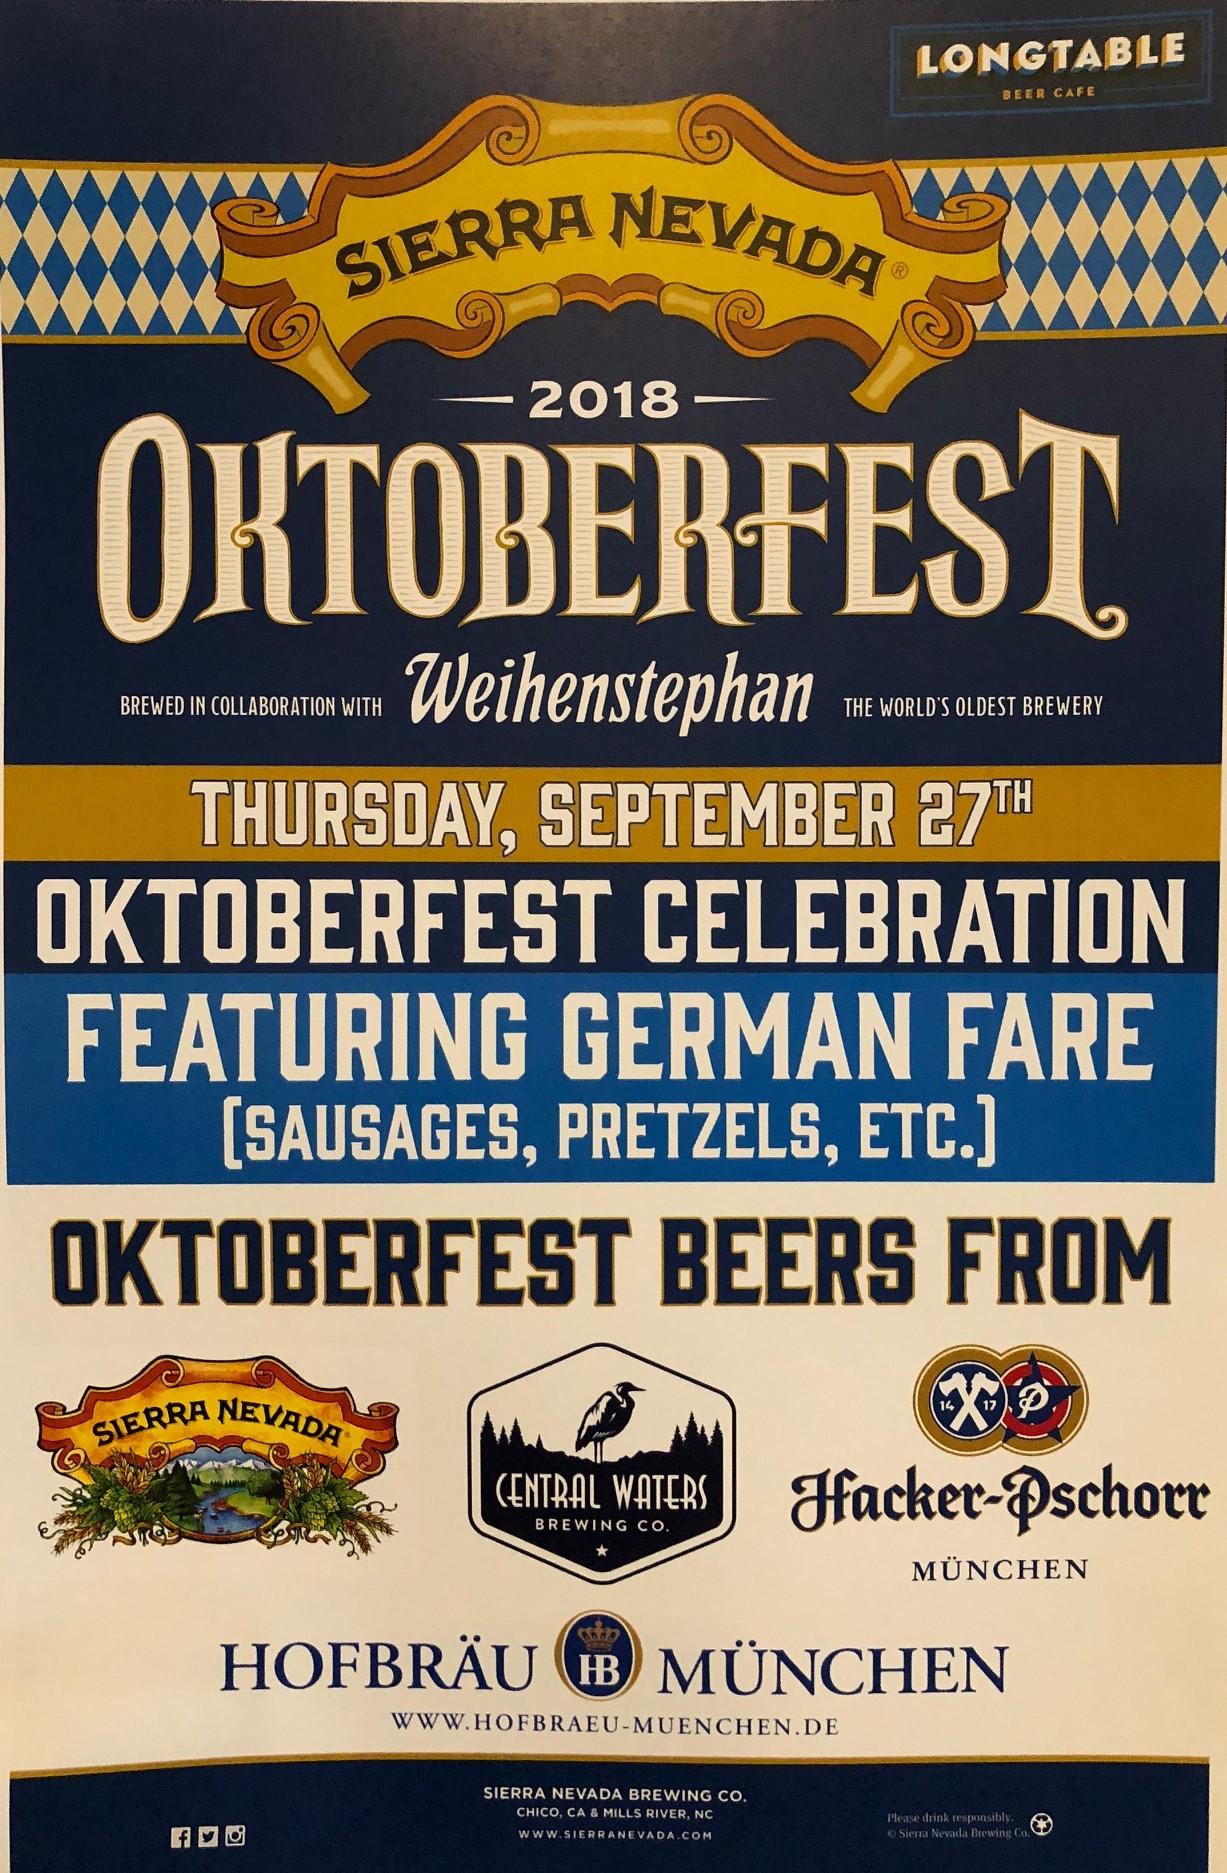 Oktoberfest at Longtable